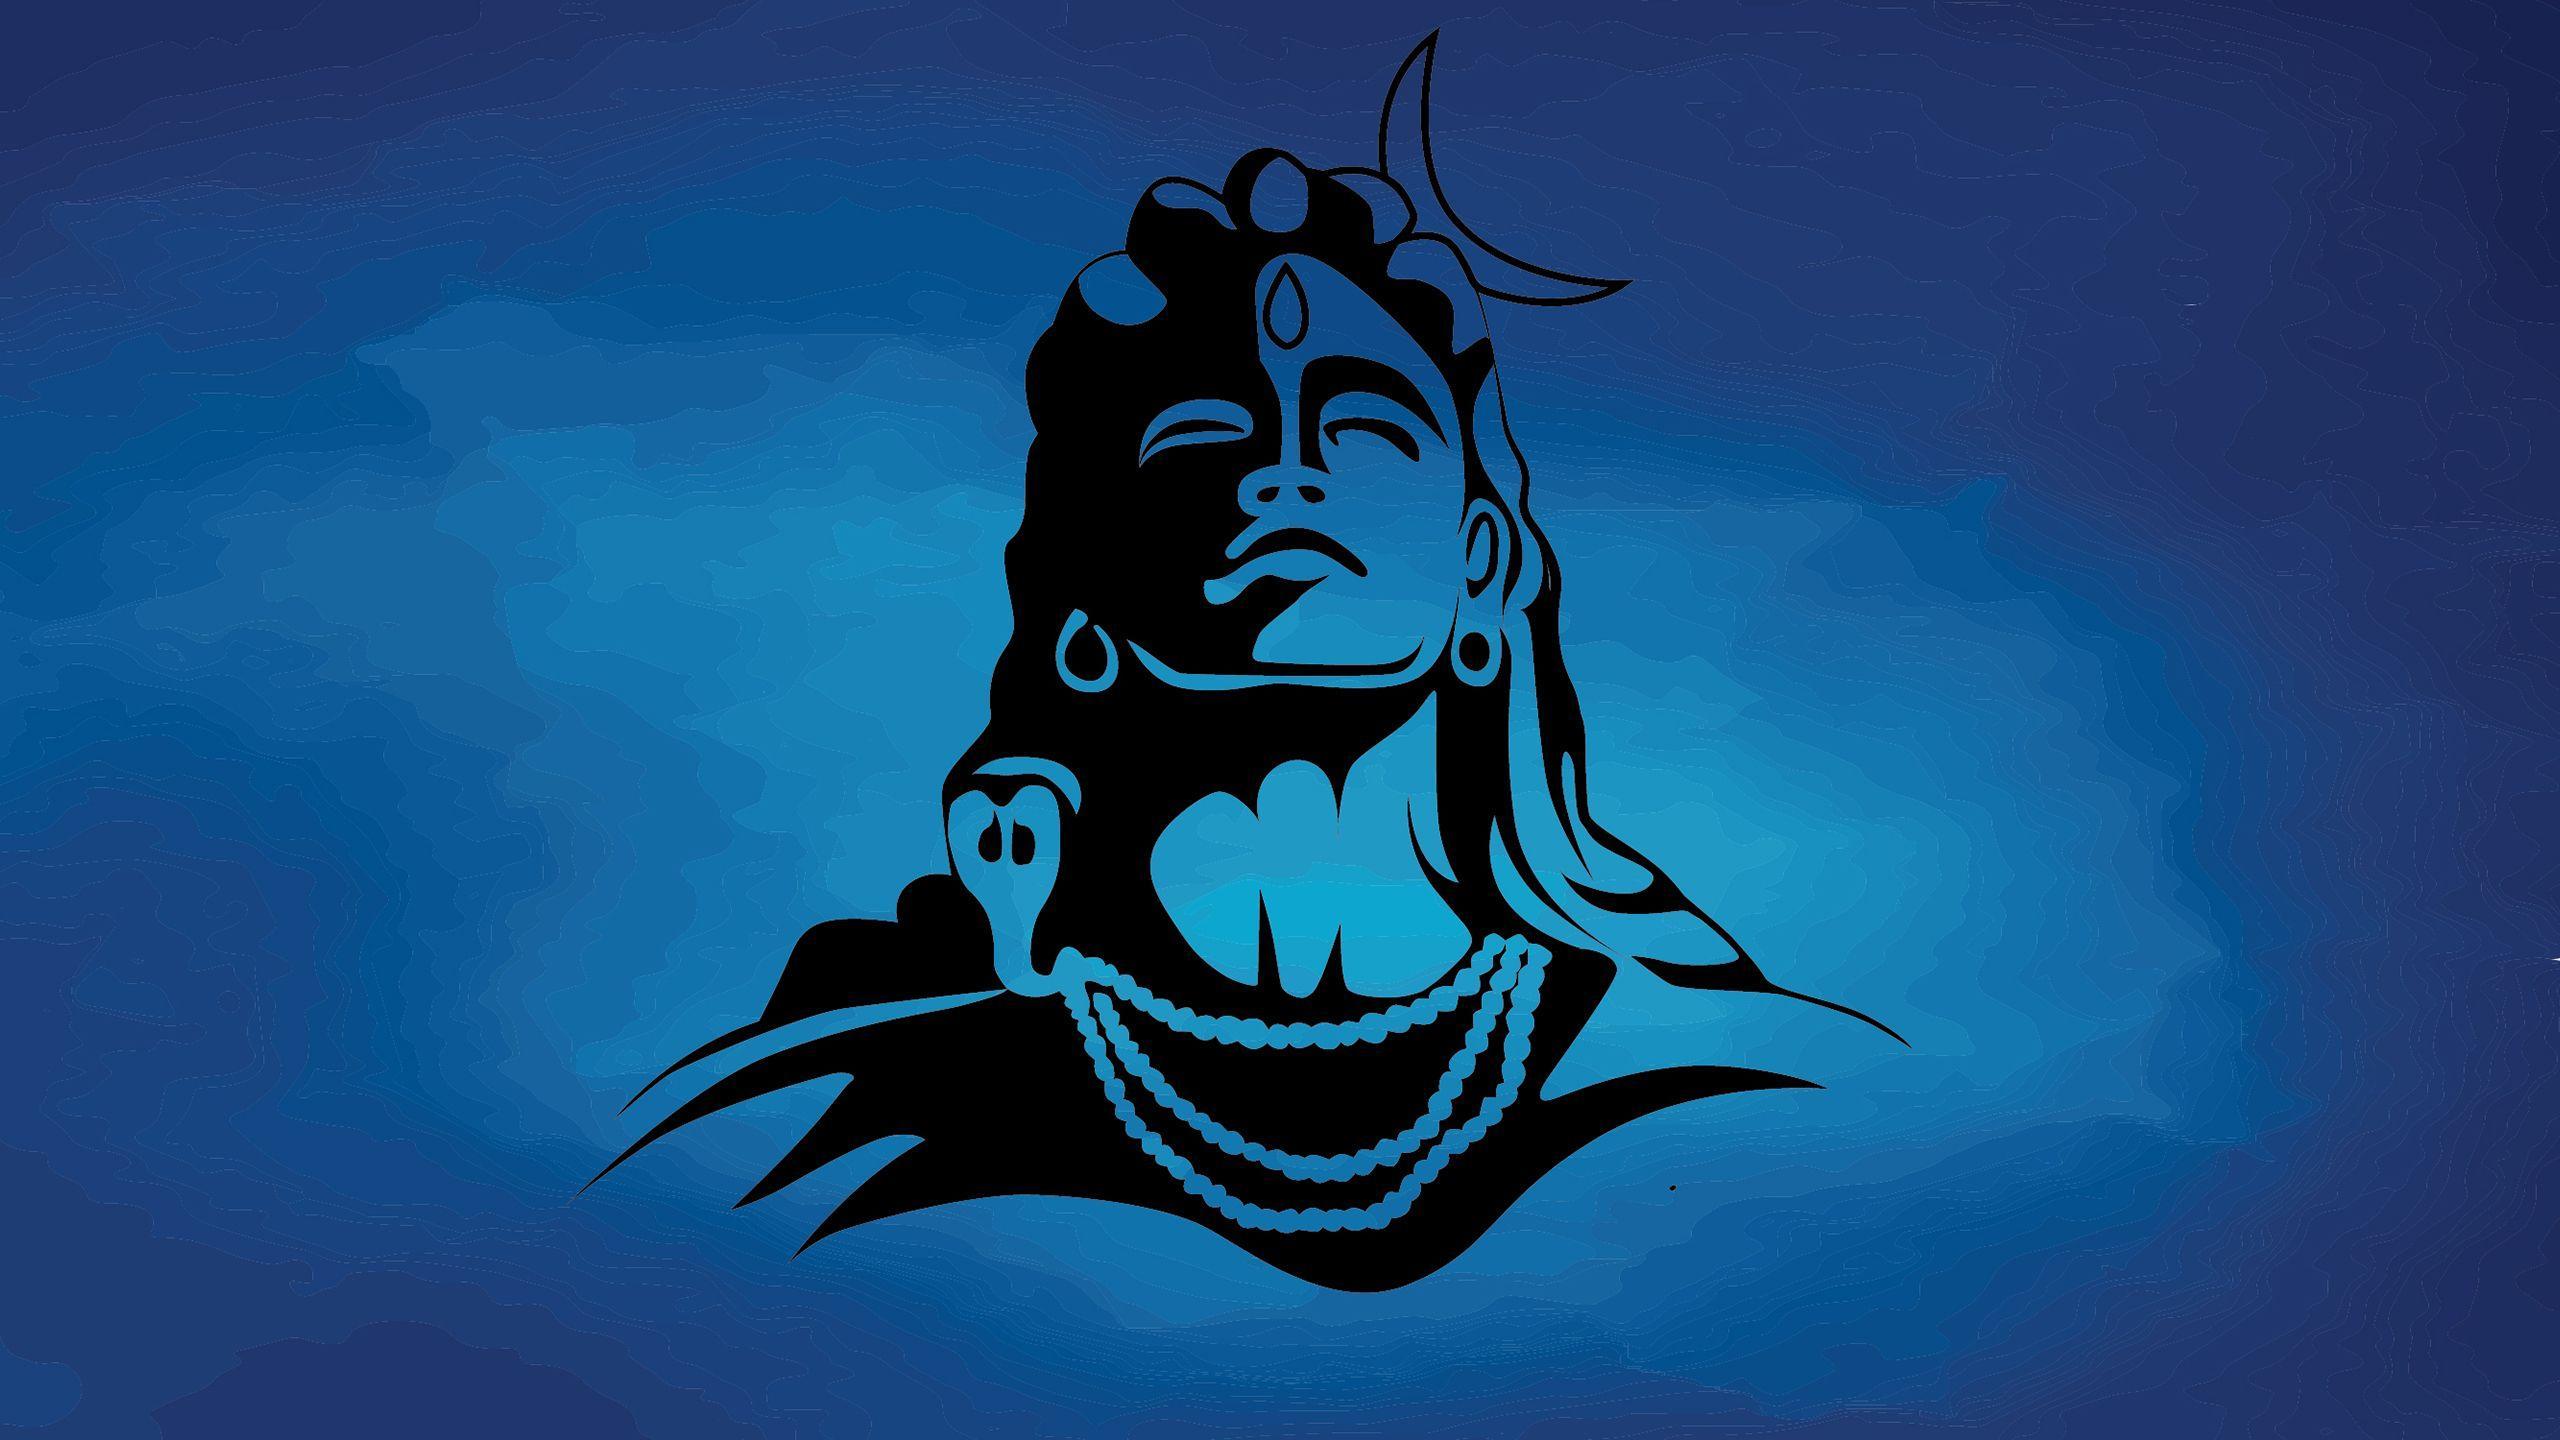 2560x1440 Hình nền Chúa Shiva 4K